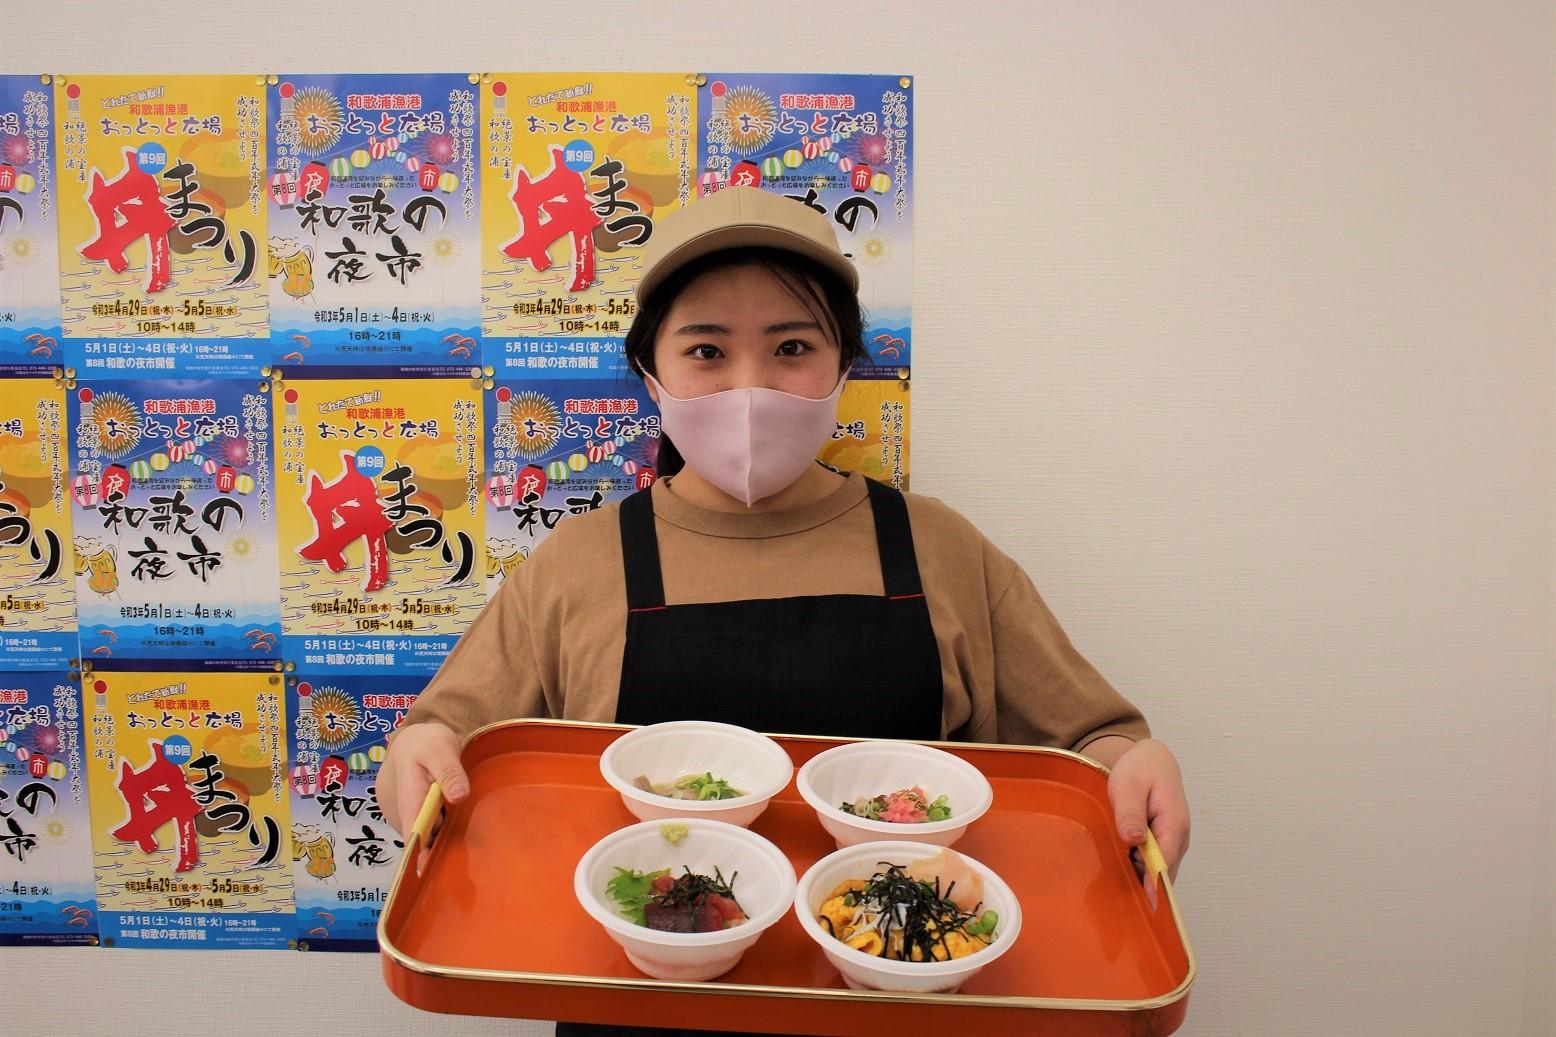 GWのグルメイベント『丼まつり』『和歌の夜市』今年も開催!